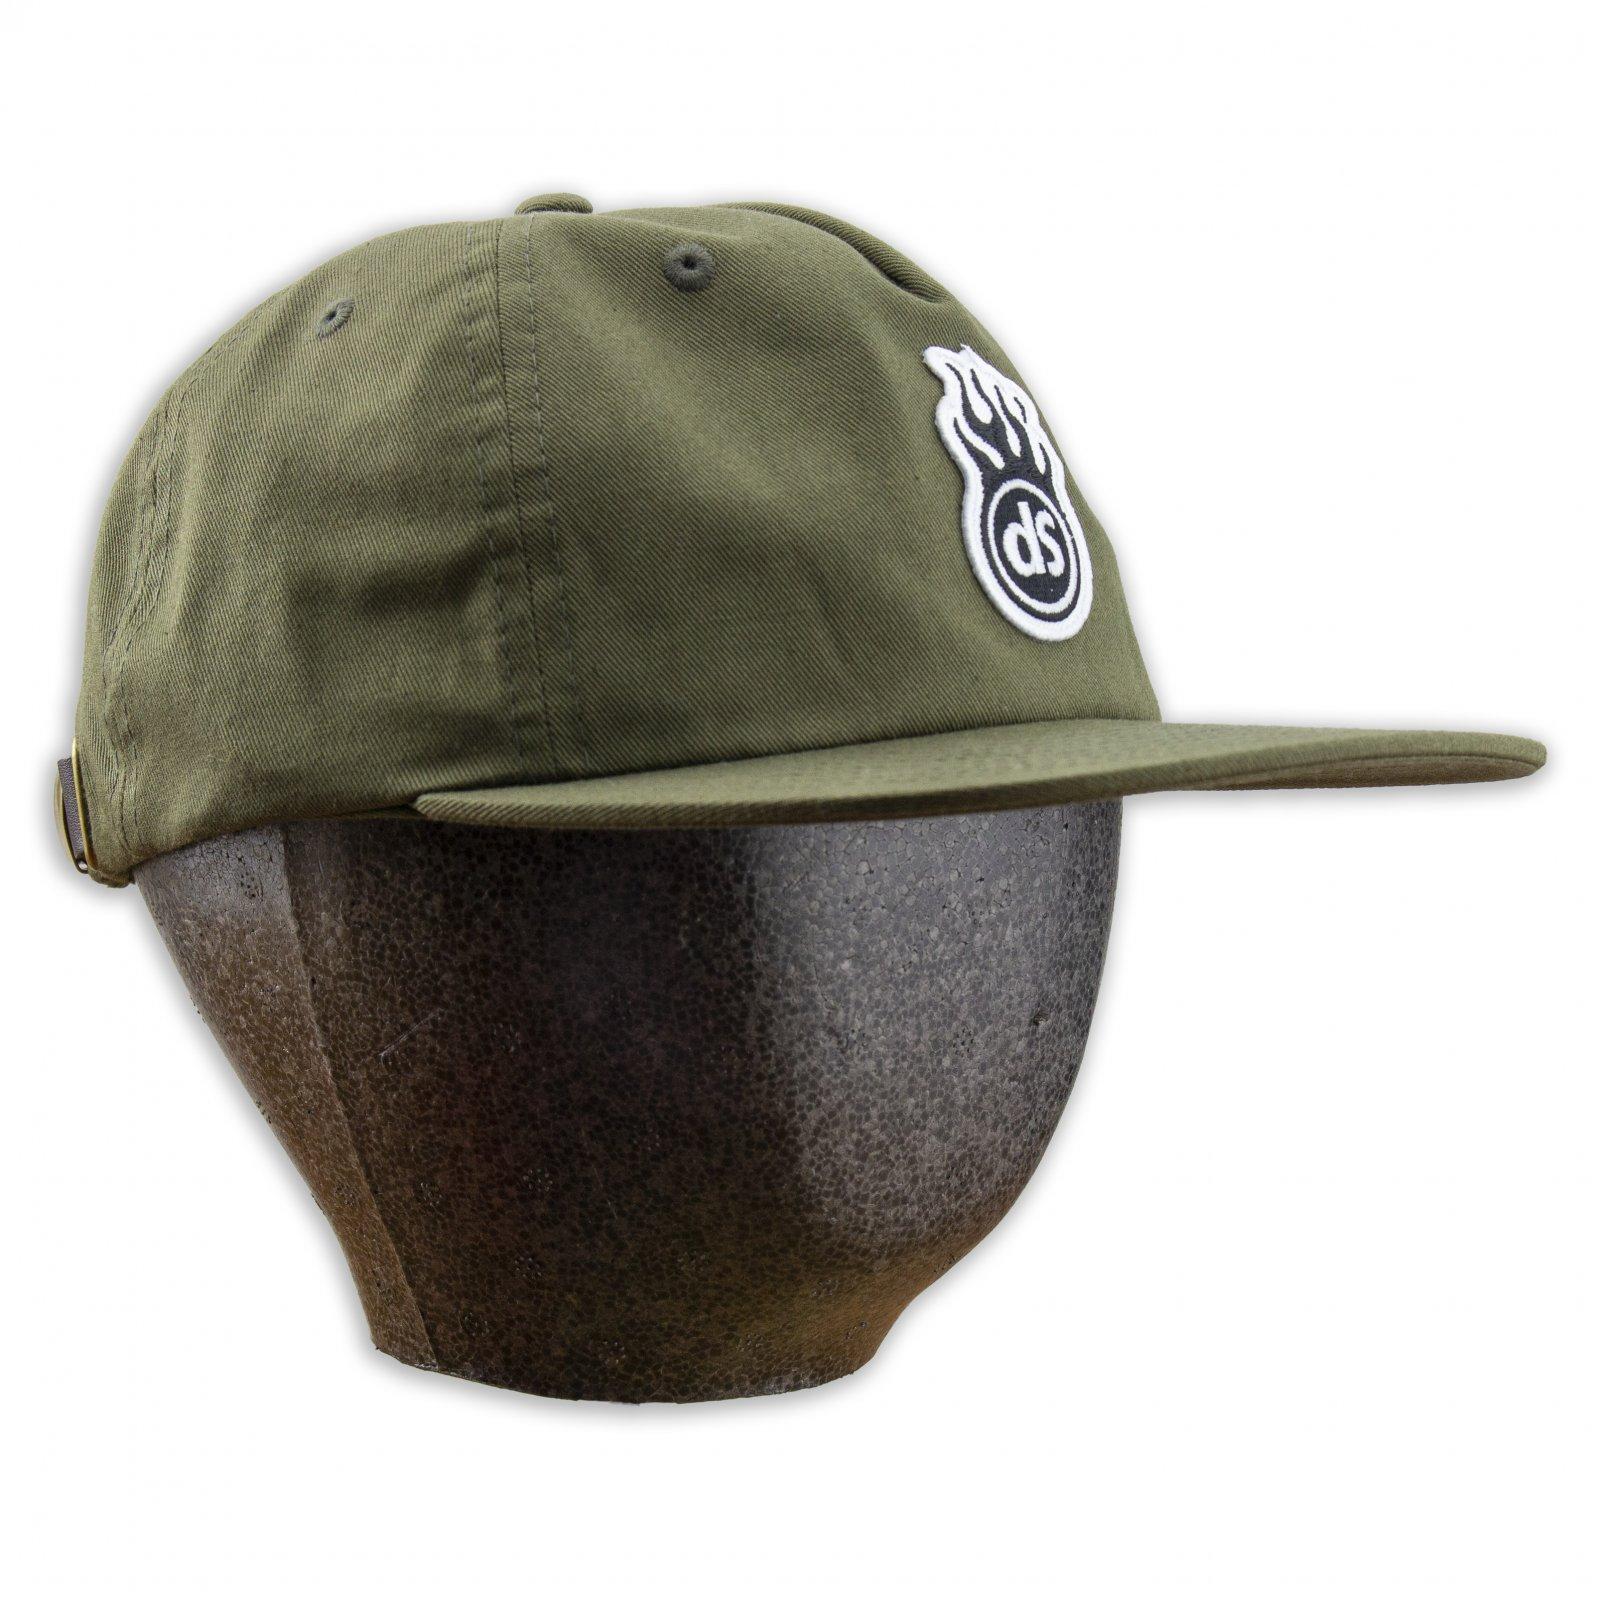 Darkside OG Flame Unstructured Hat ( Multiple Color Options )